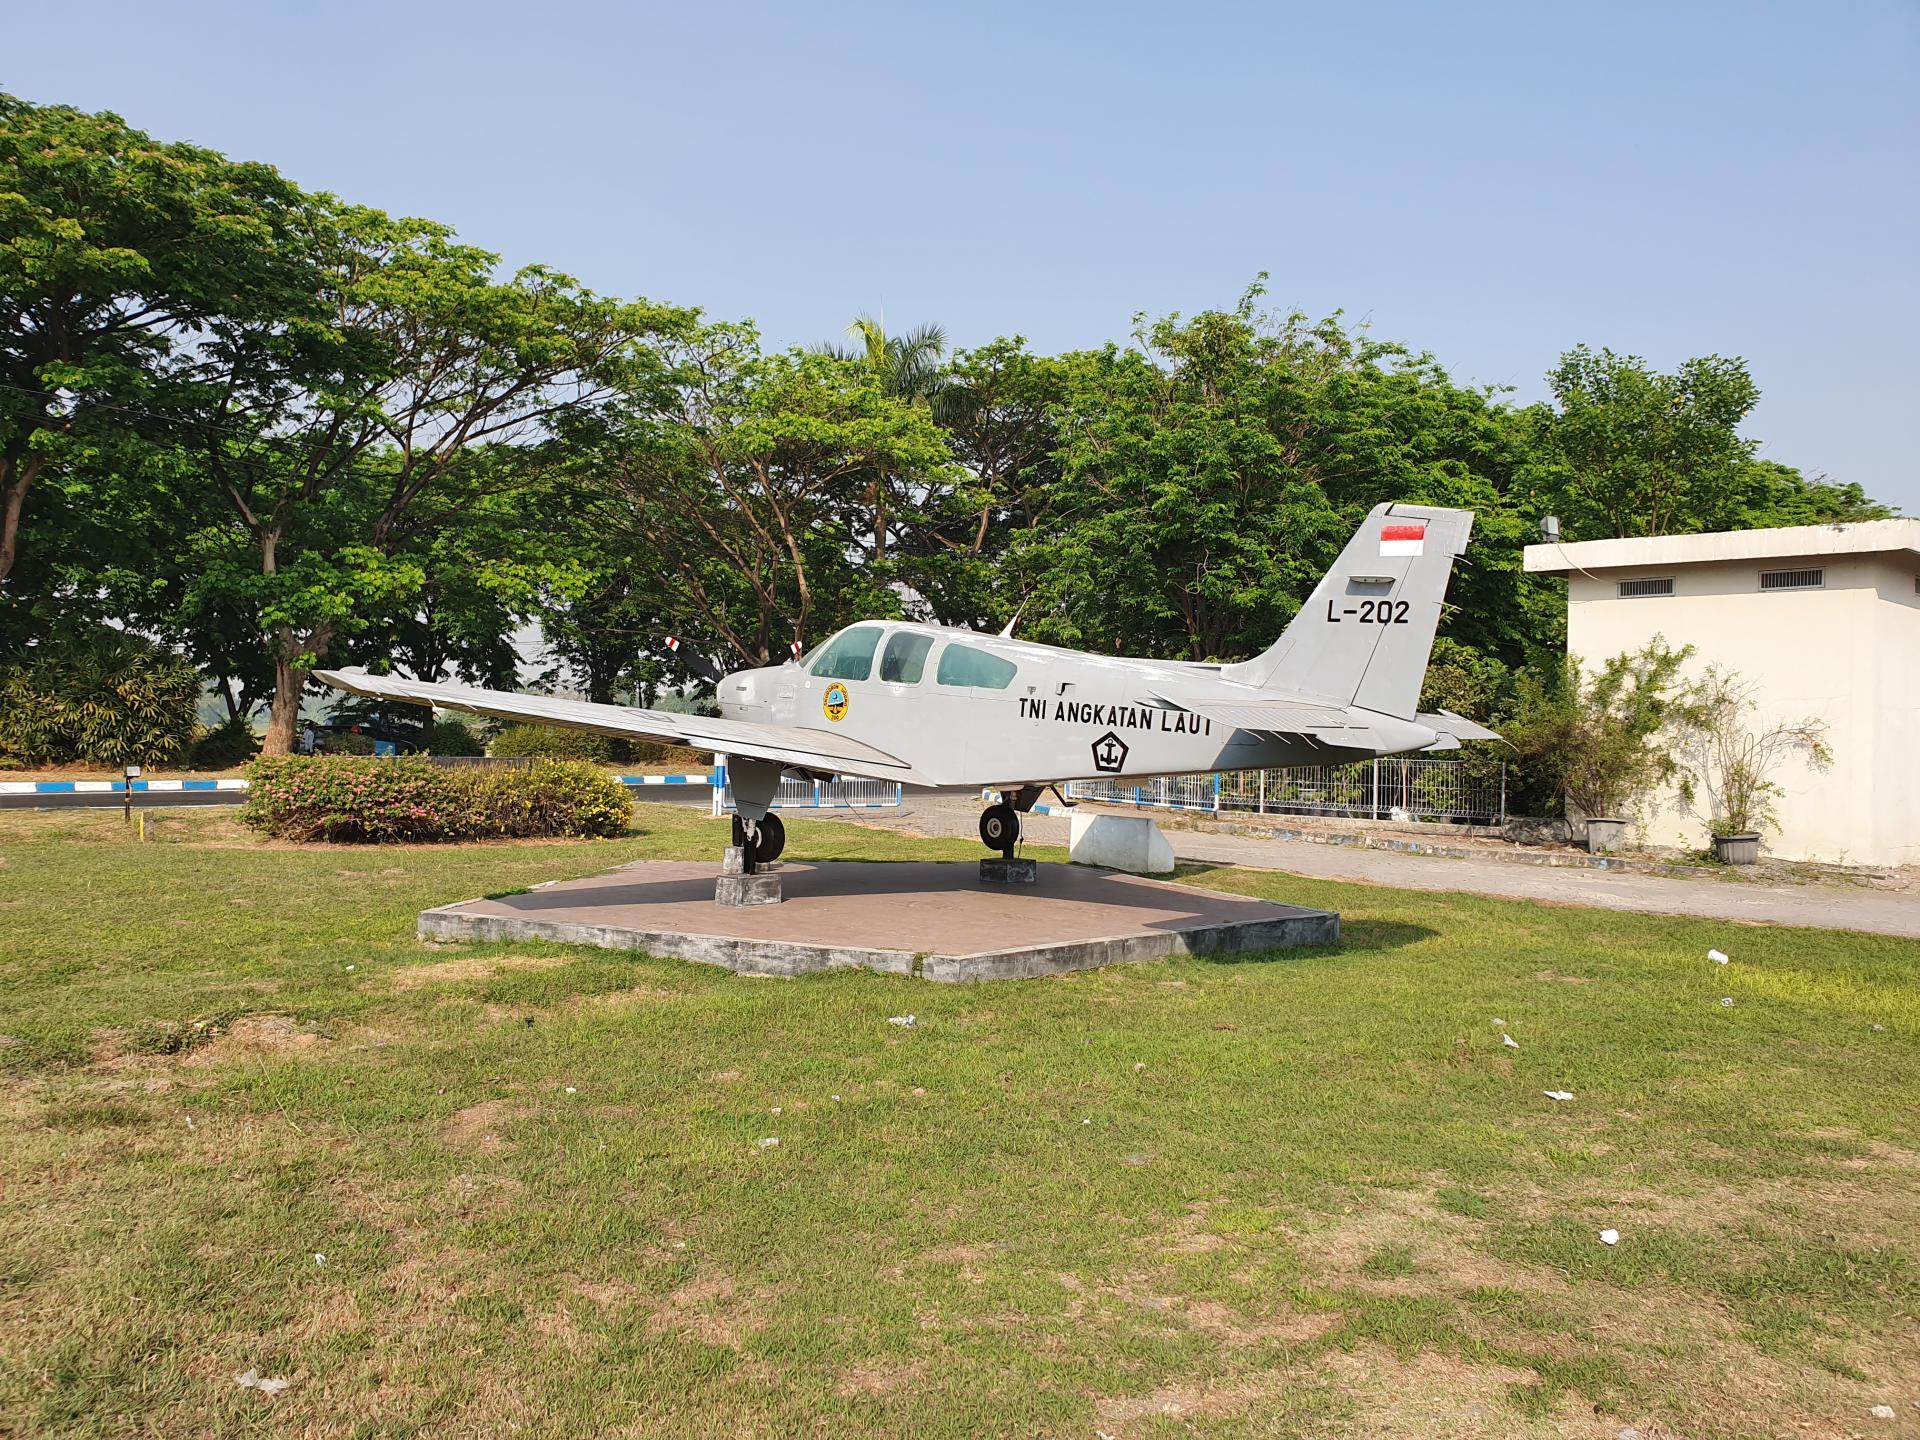 легкомоторный самолет-памятник в городе Сурабайя